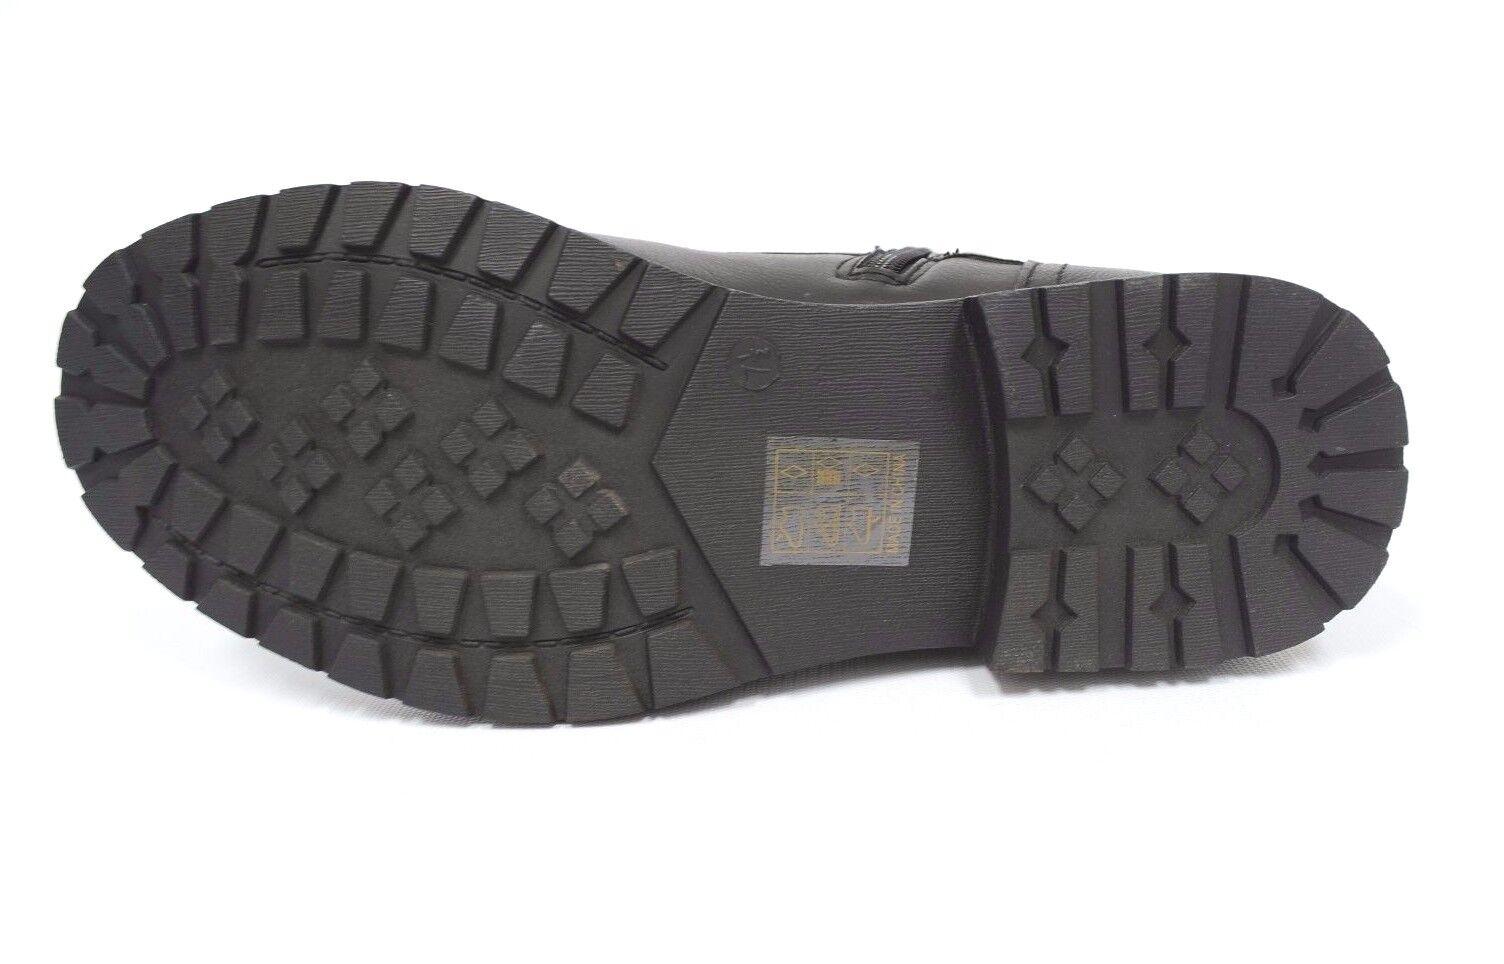 Uomini d-709 alto quilted gamba berretto nero nero nero il merletto a vestire gli stivali 9c6b54